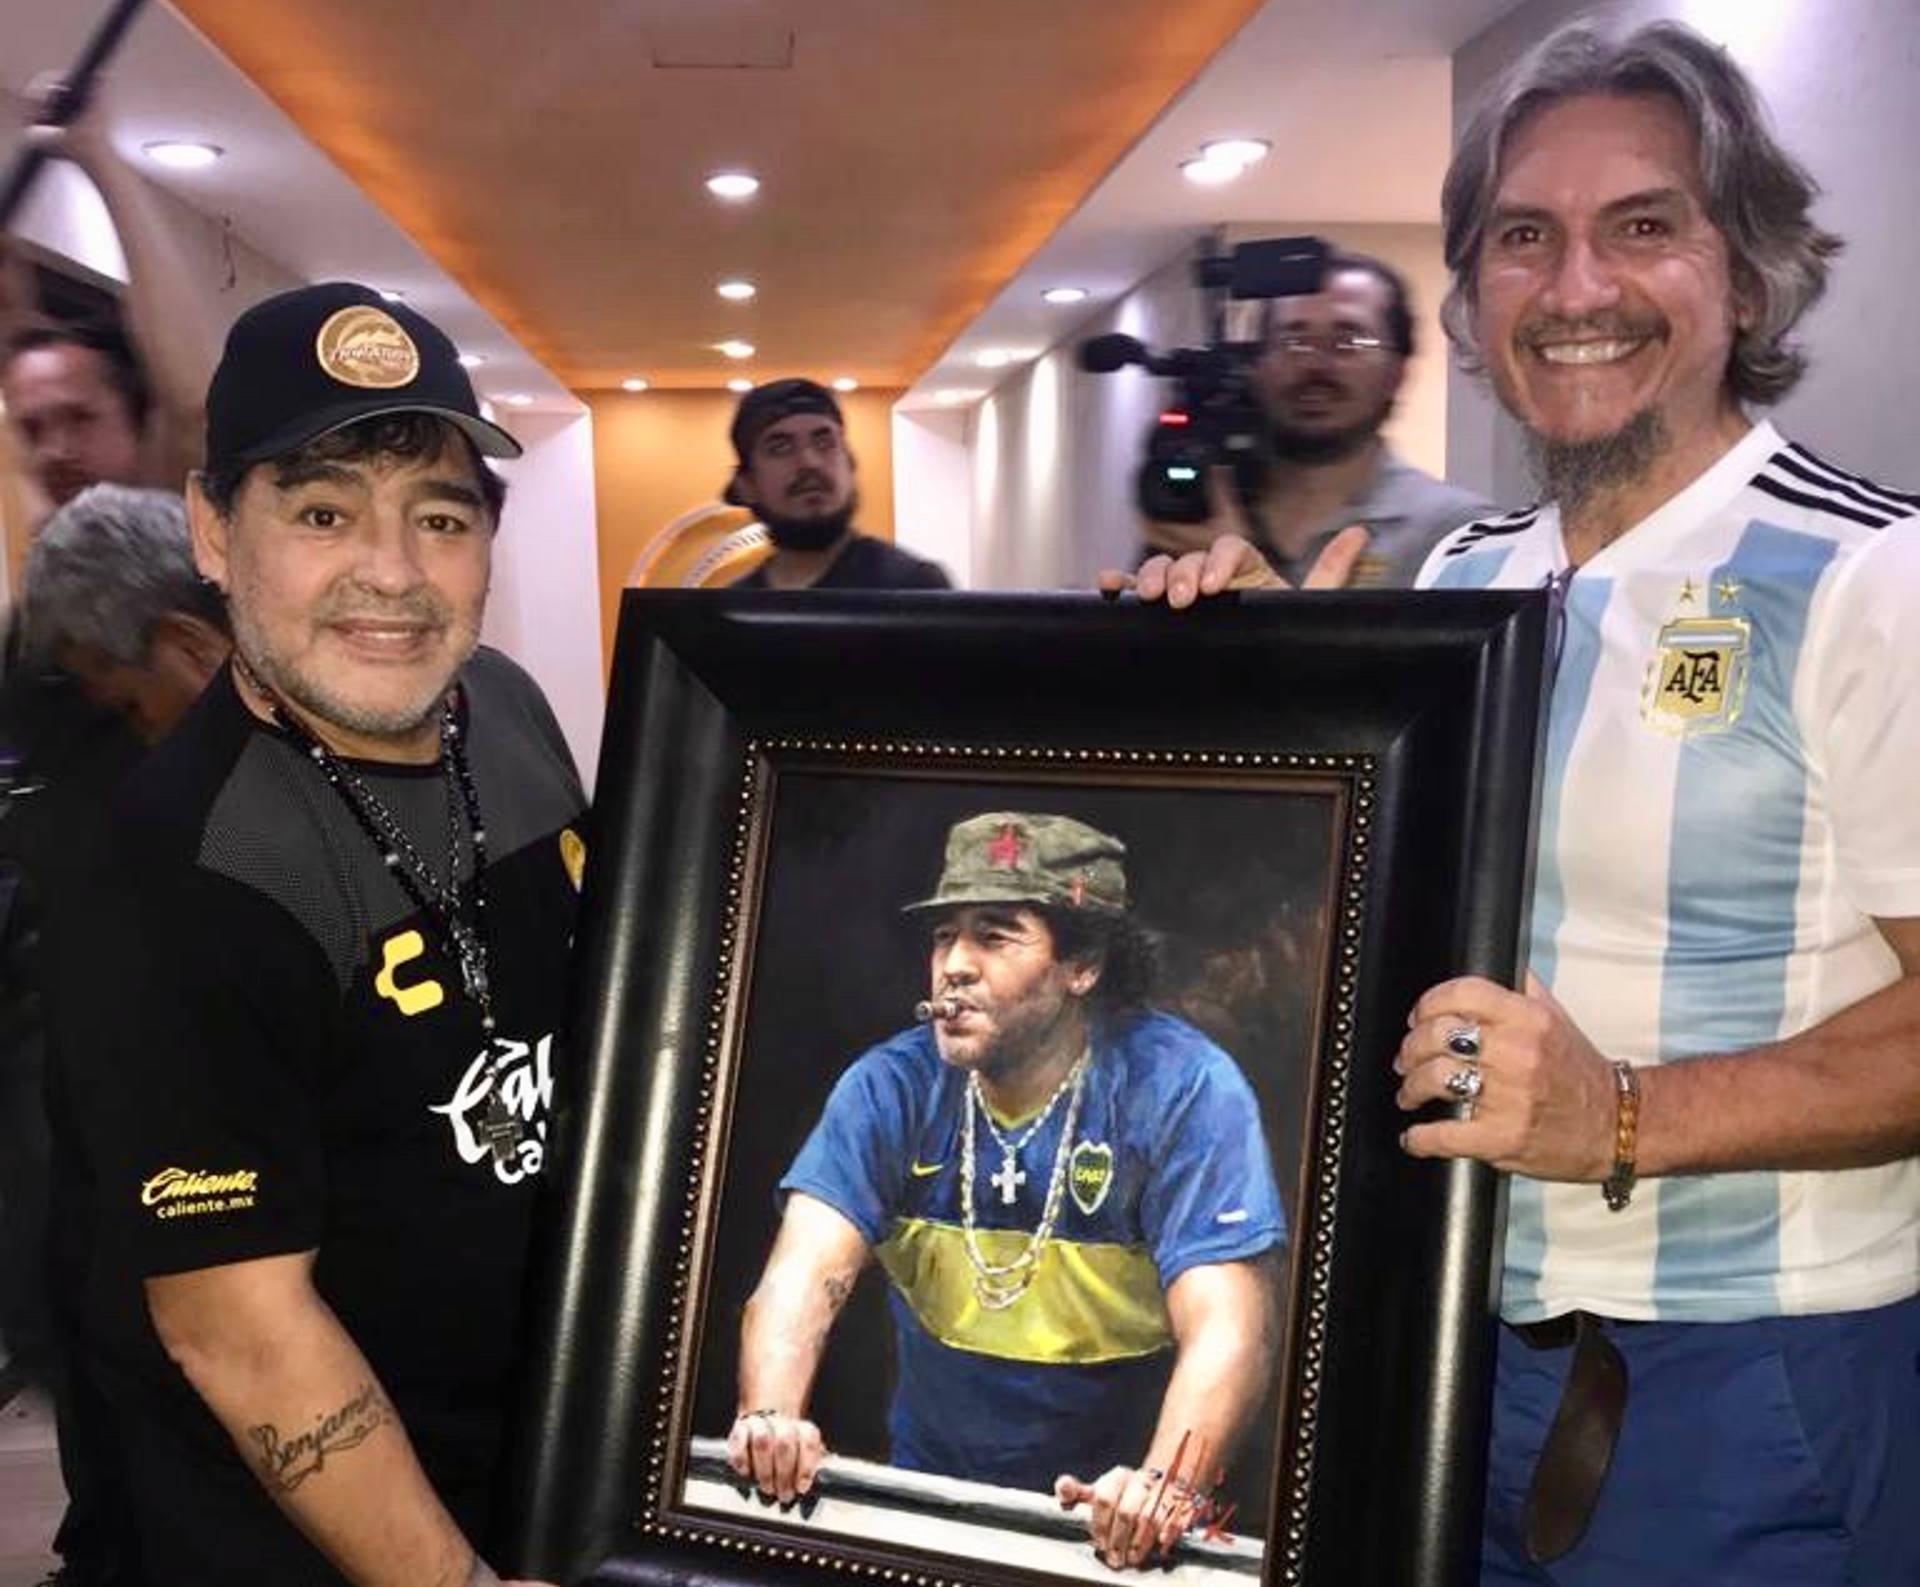 Diego Maradona holding portrait next to Fabian Perez